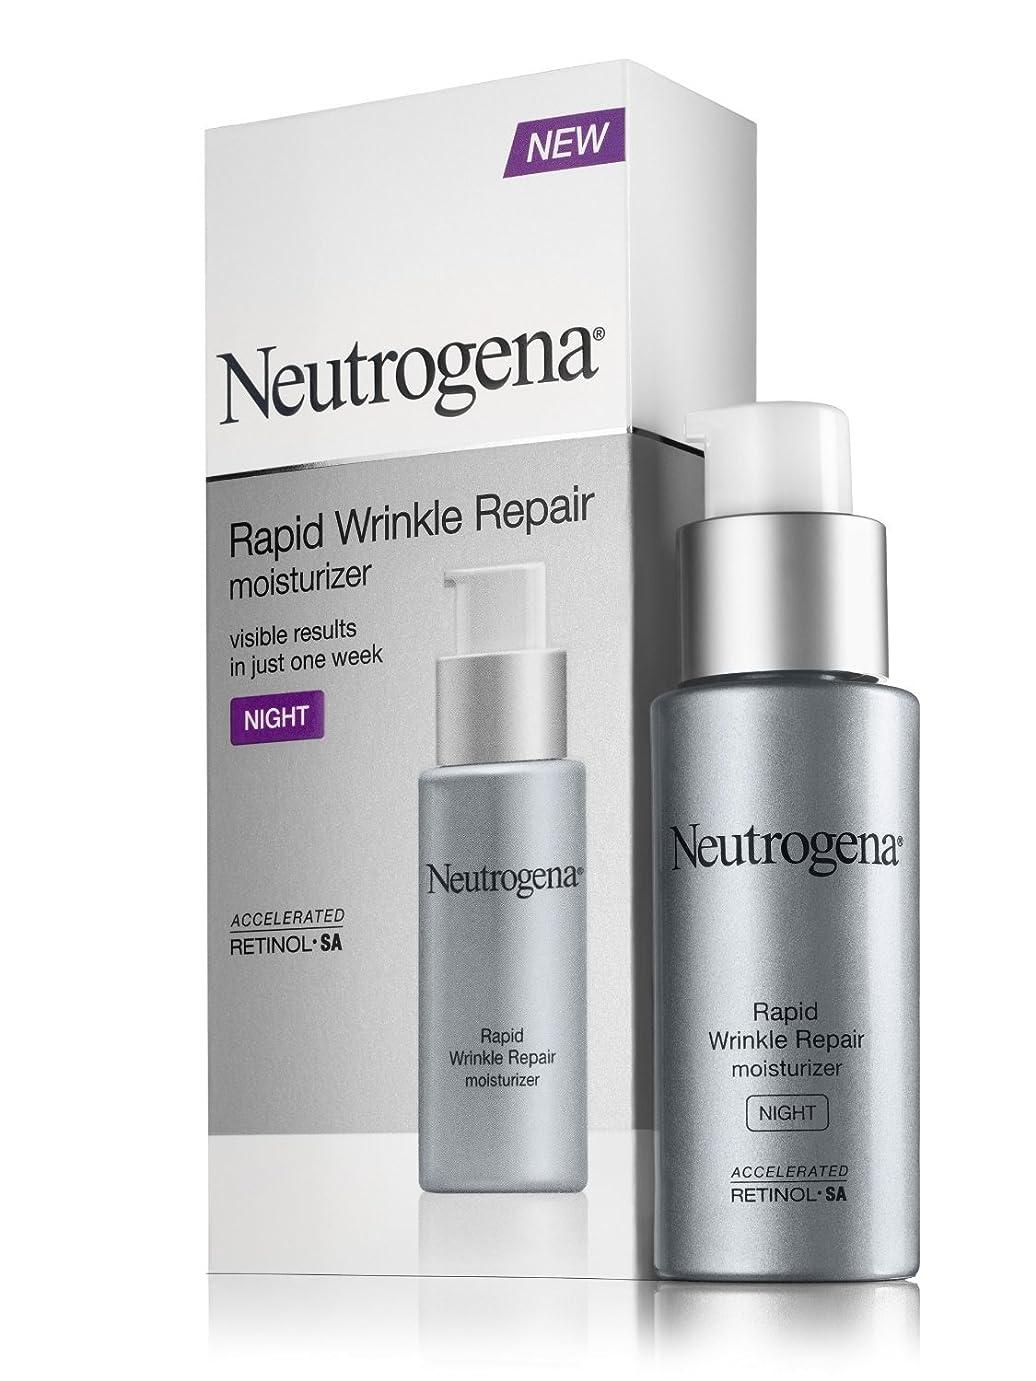 粘性のドナーずんぐりした【Neutrogena】 ニュートロジーナ リピッドリンクルリペア Rapid Wrinkle Repair並行輸入品